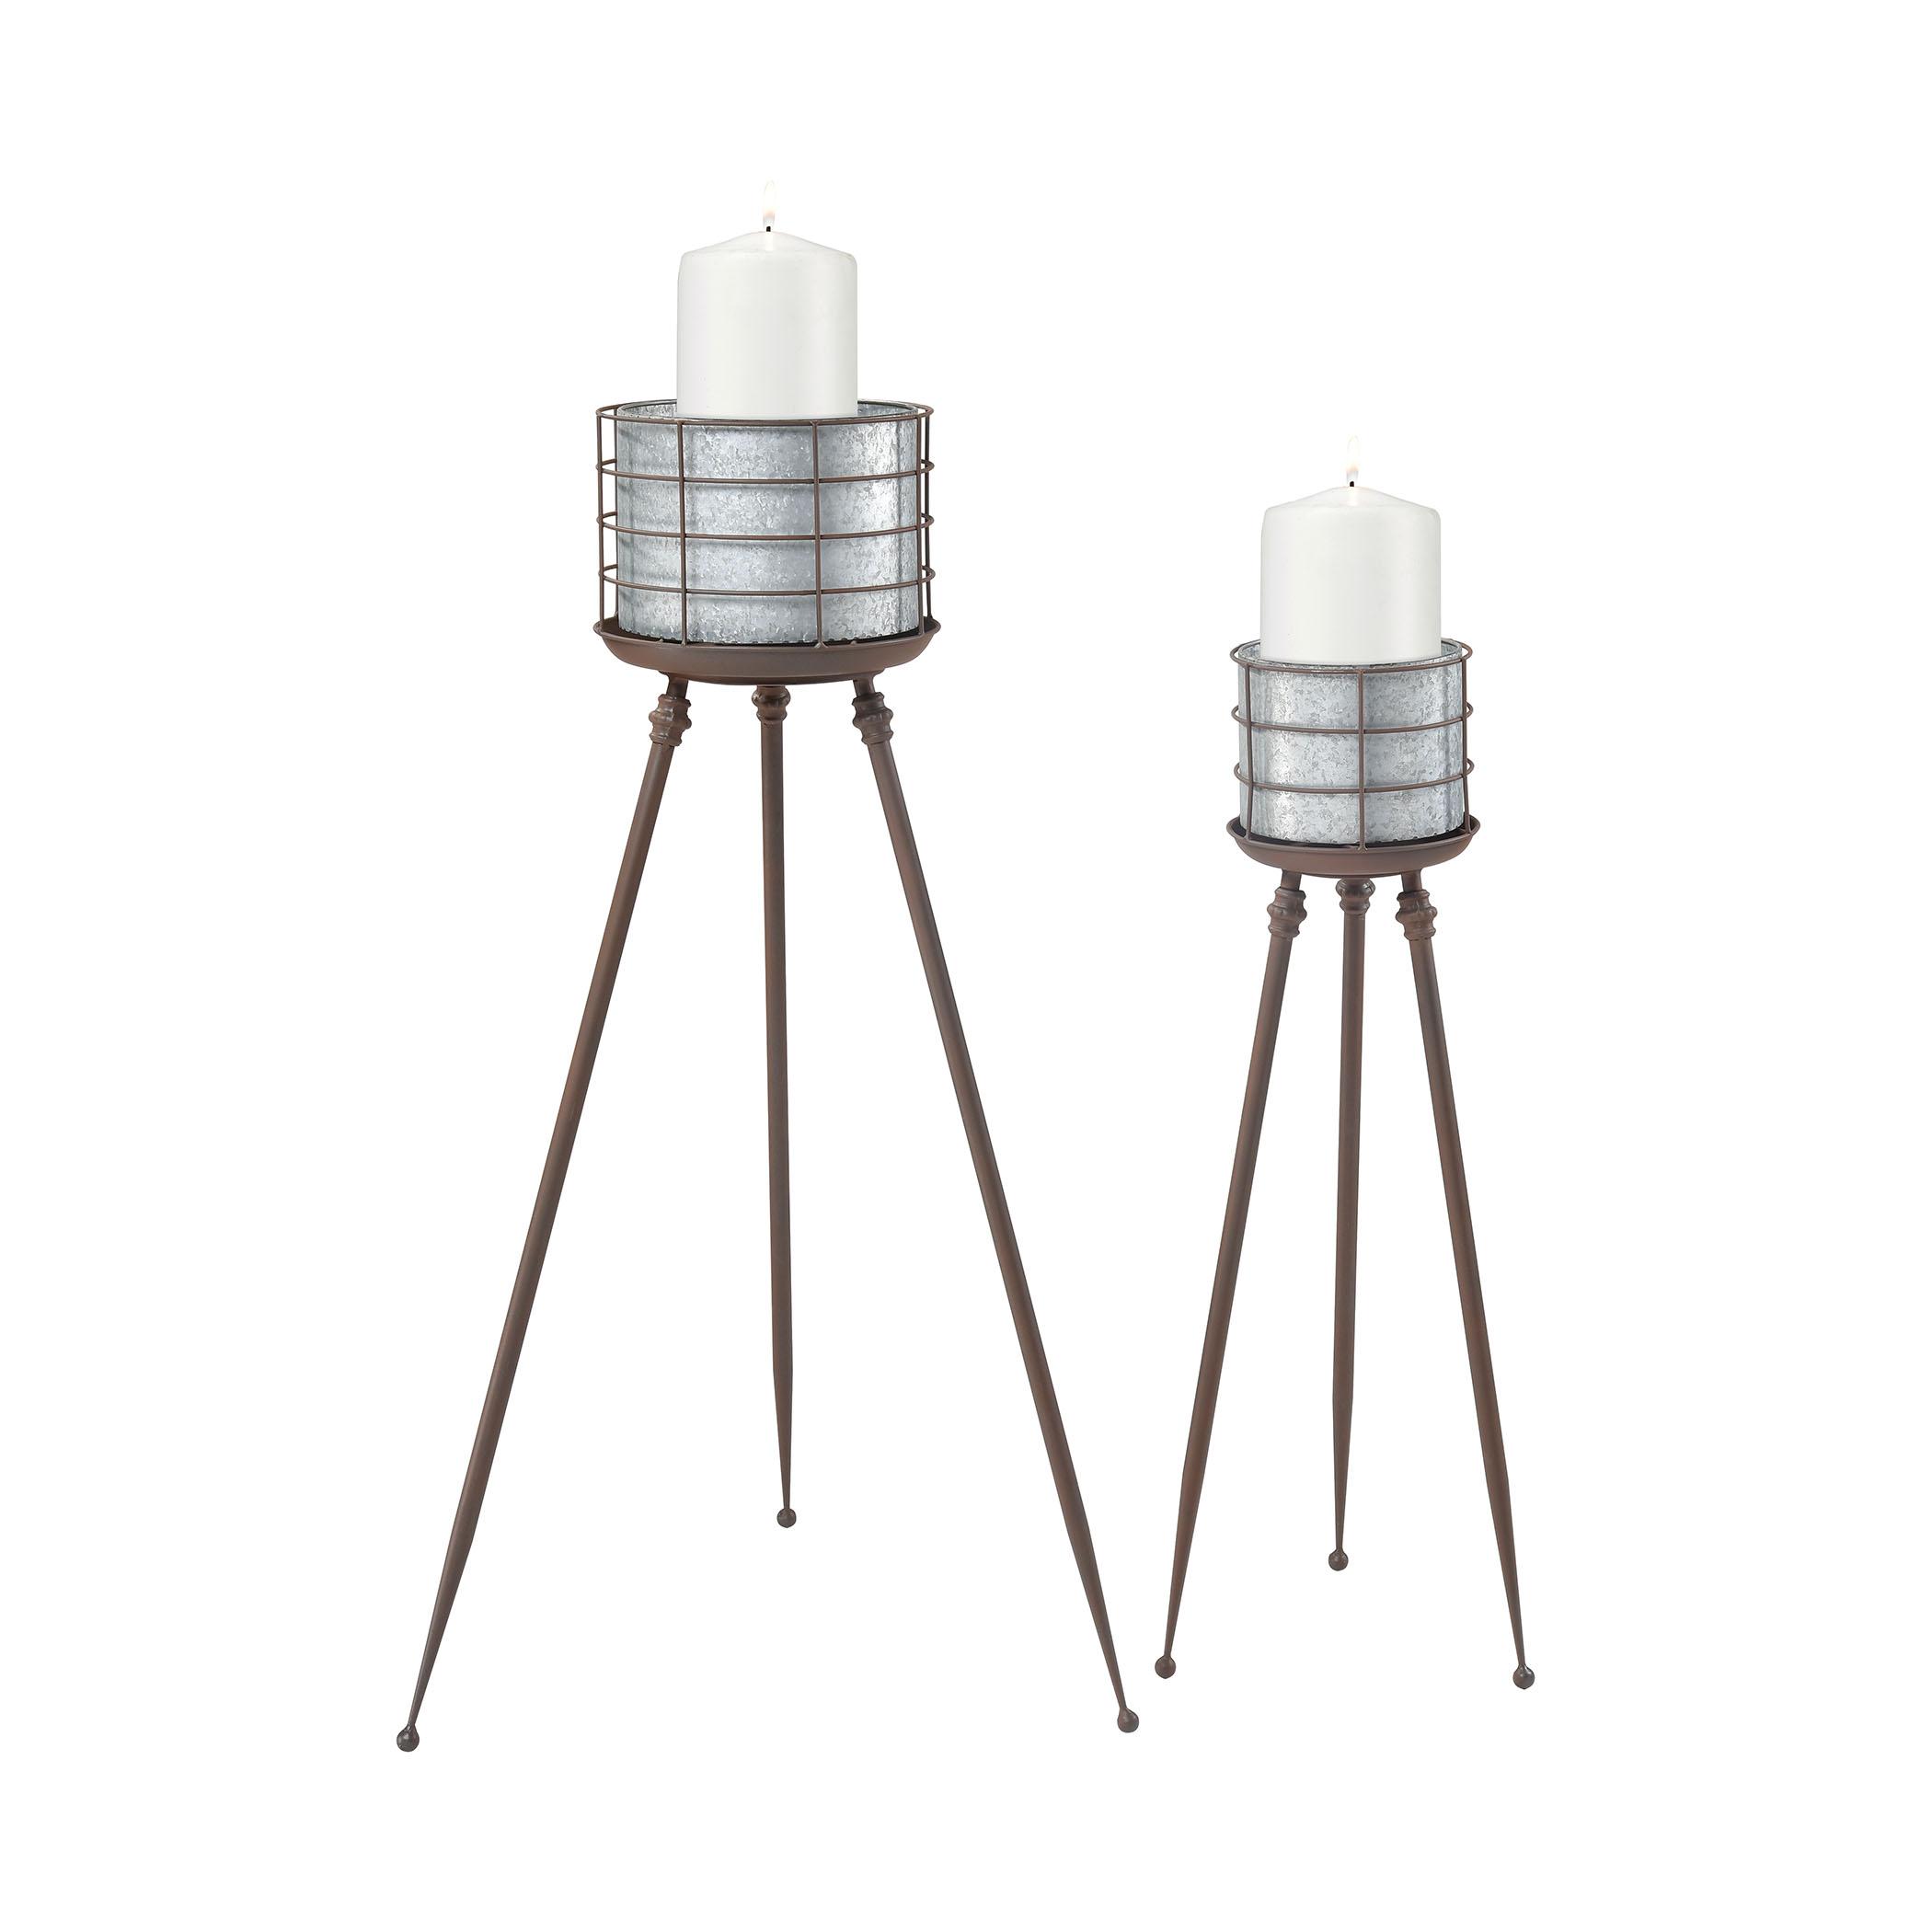 Mississippi Sound Candle Holders | Elk Home